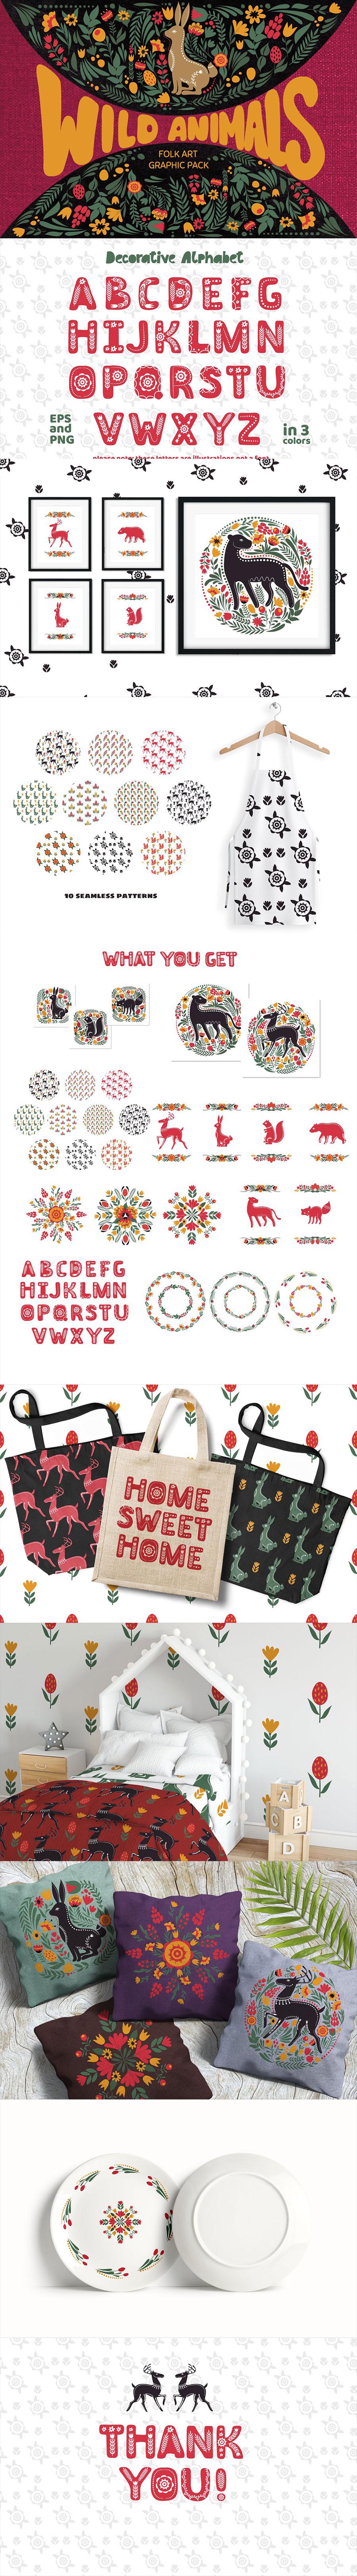 高品质植物动物中国风刺绣矢量素材合集[Ai]设计素材模板